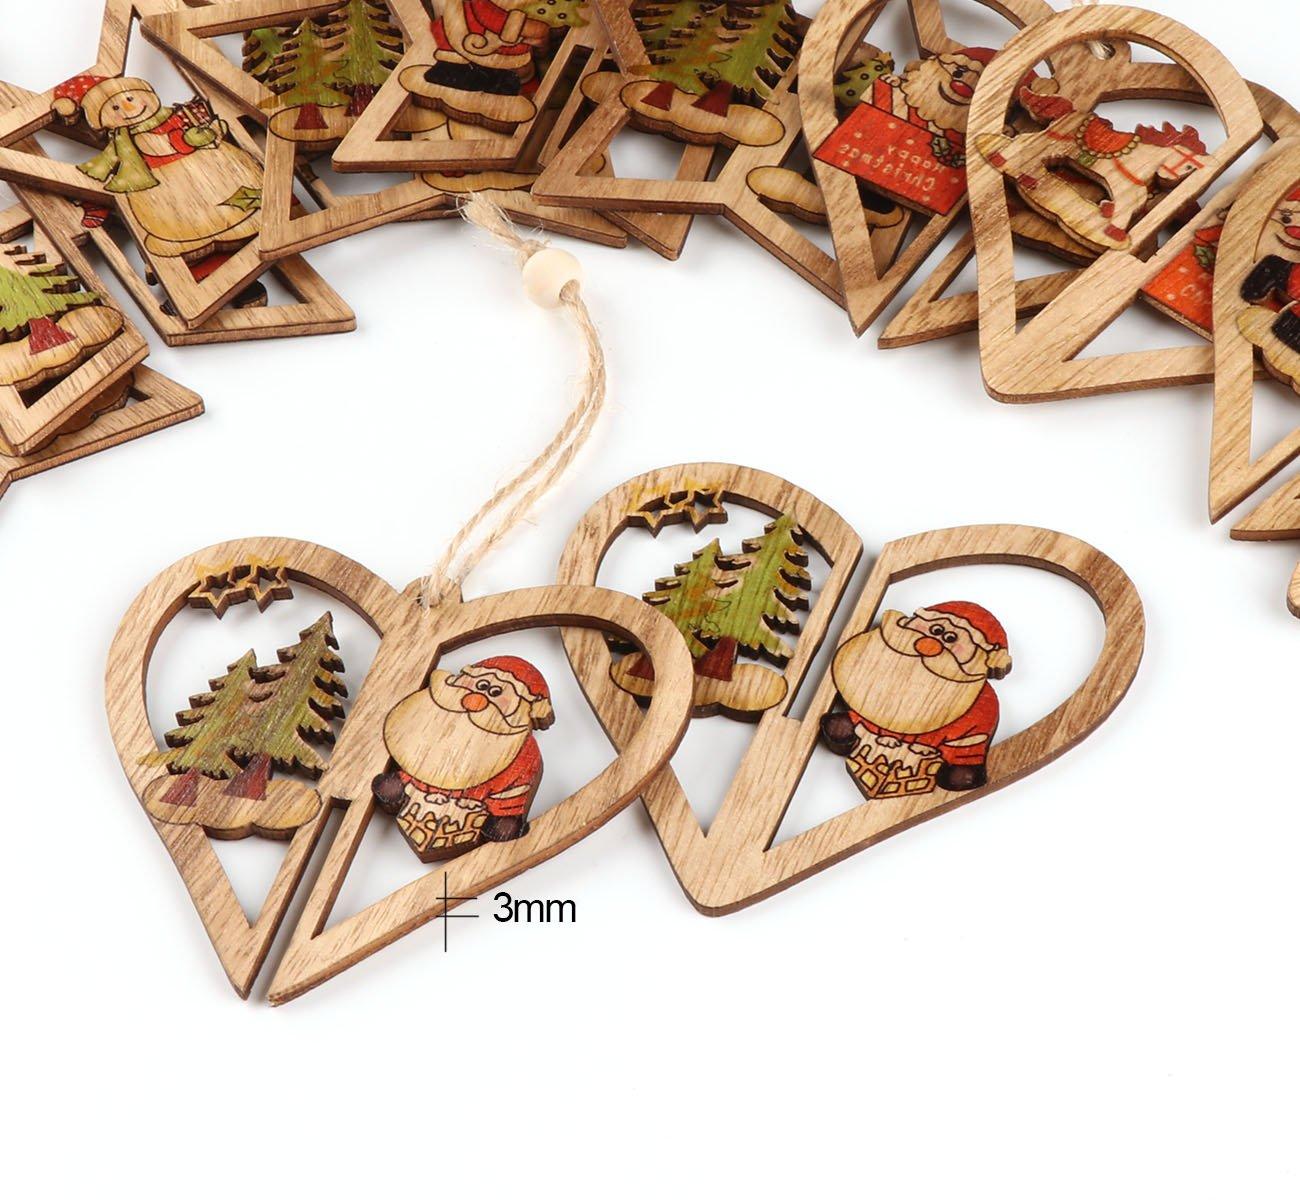 3D-Weihnachtsbaum-Deko-Weihnachtsbaumschmuck-Cubewit-6er-Christbaumschmuck-Handgemachte-Holz-Anhnger-Weihnachten-Weihnachtsmann-Weihnachtsbaum-Schlitten-Schneemann